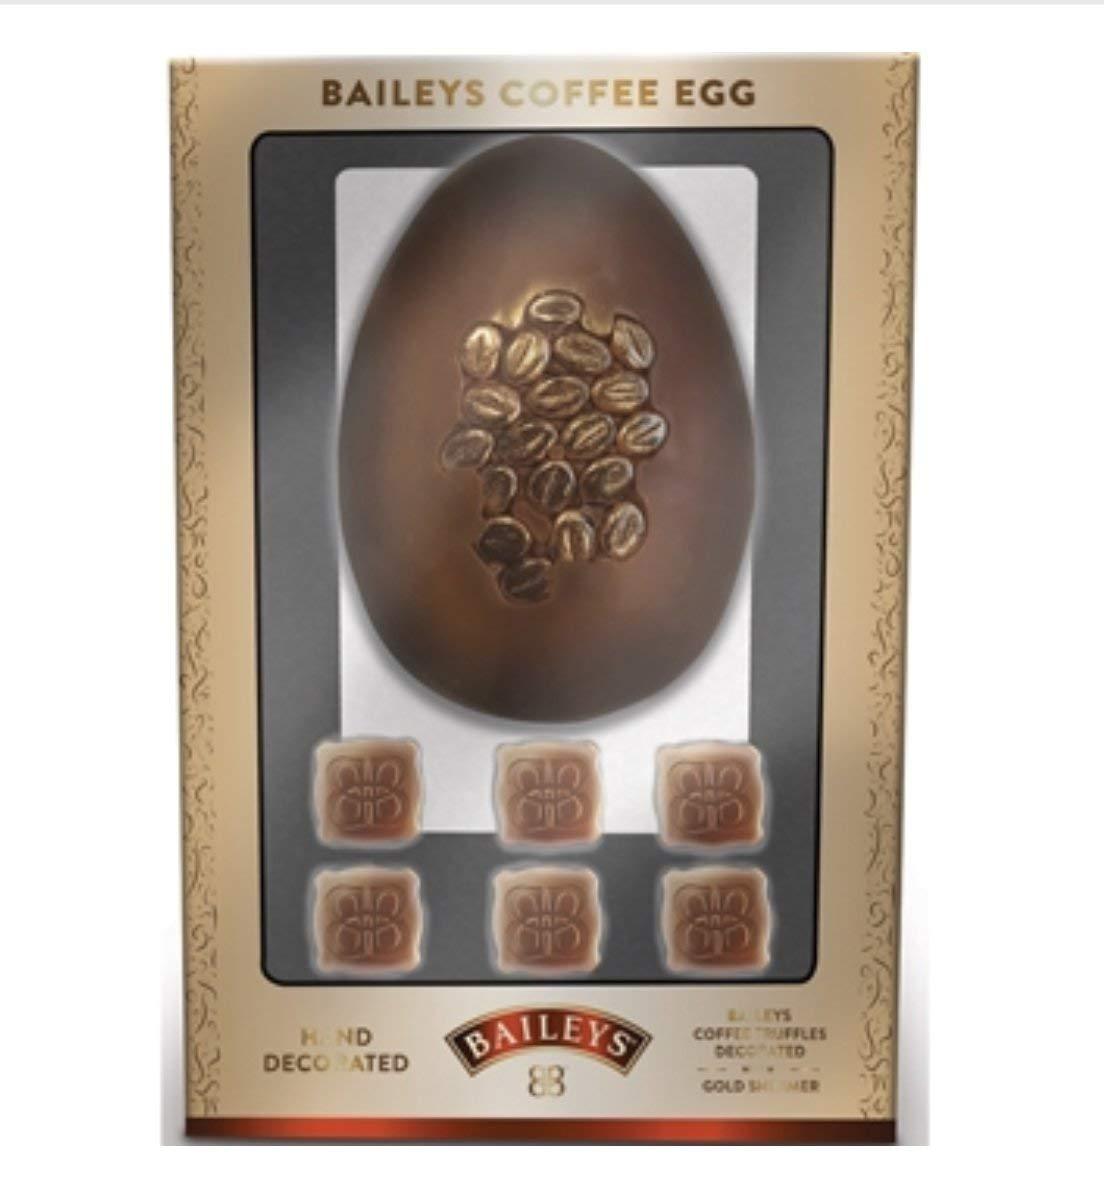 Huevo de chocolate con leche de Baileys con granos de café shimmer y cuadrados de café Baileys/Huevo de Pascua de lujo: Amazon.es: Alimentación y bebidas